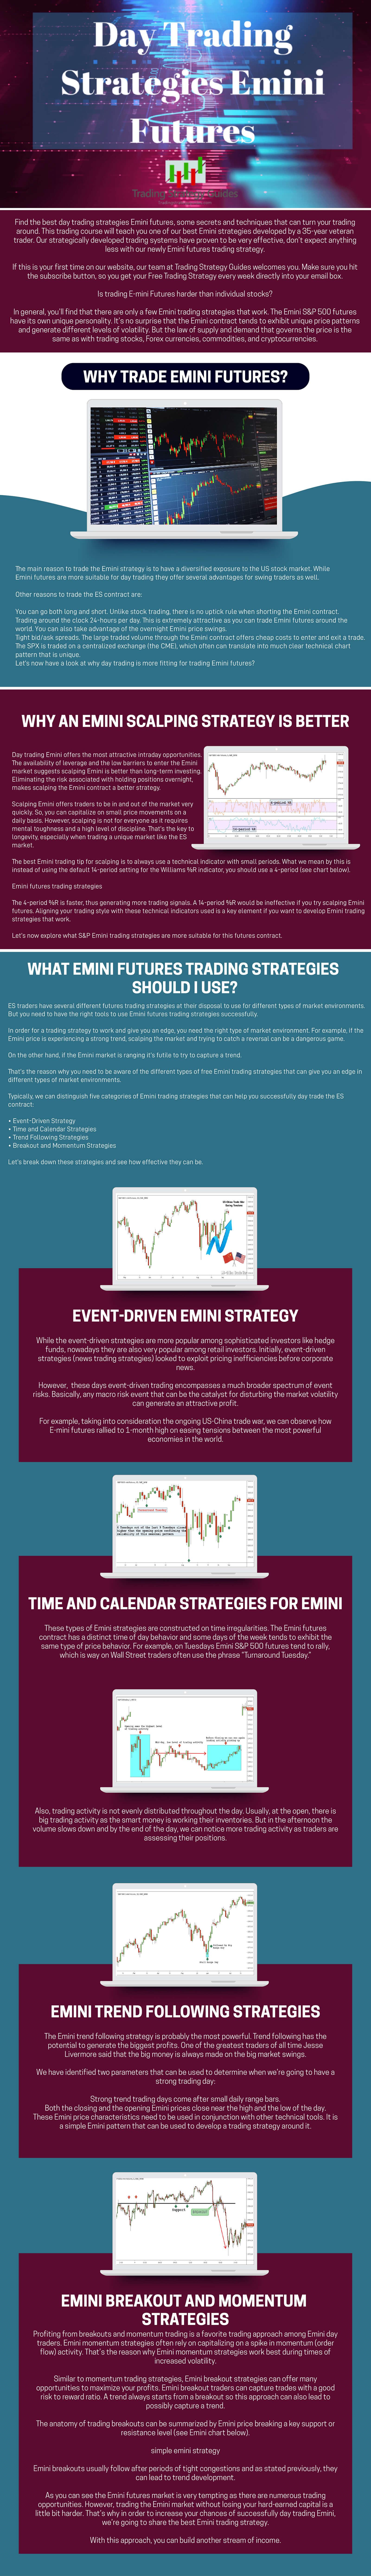 emini futures strategy